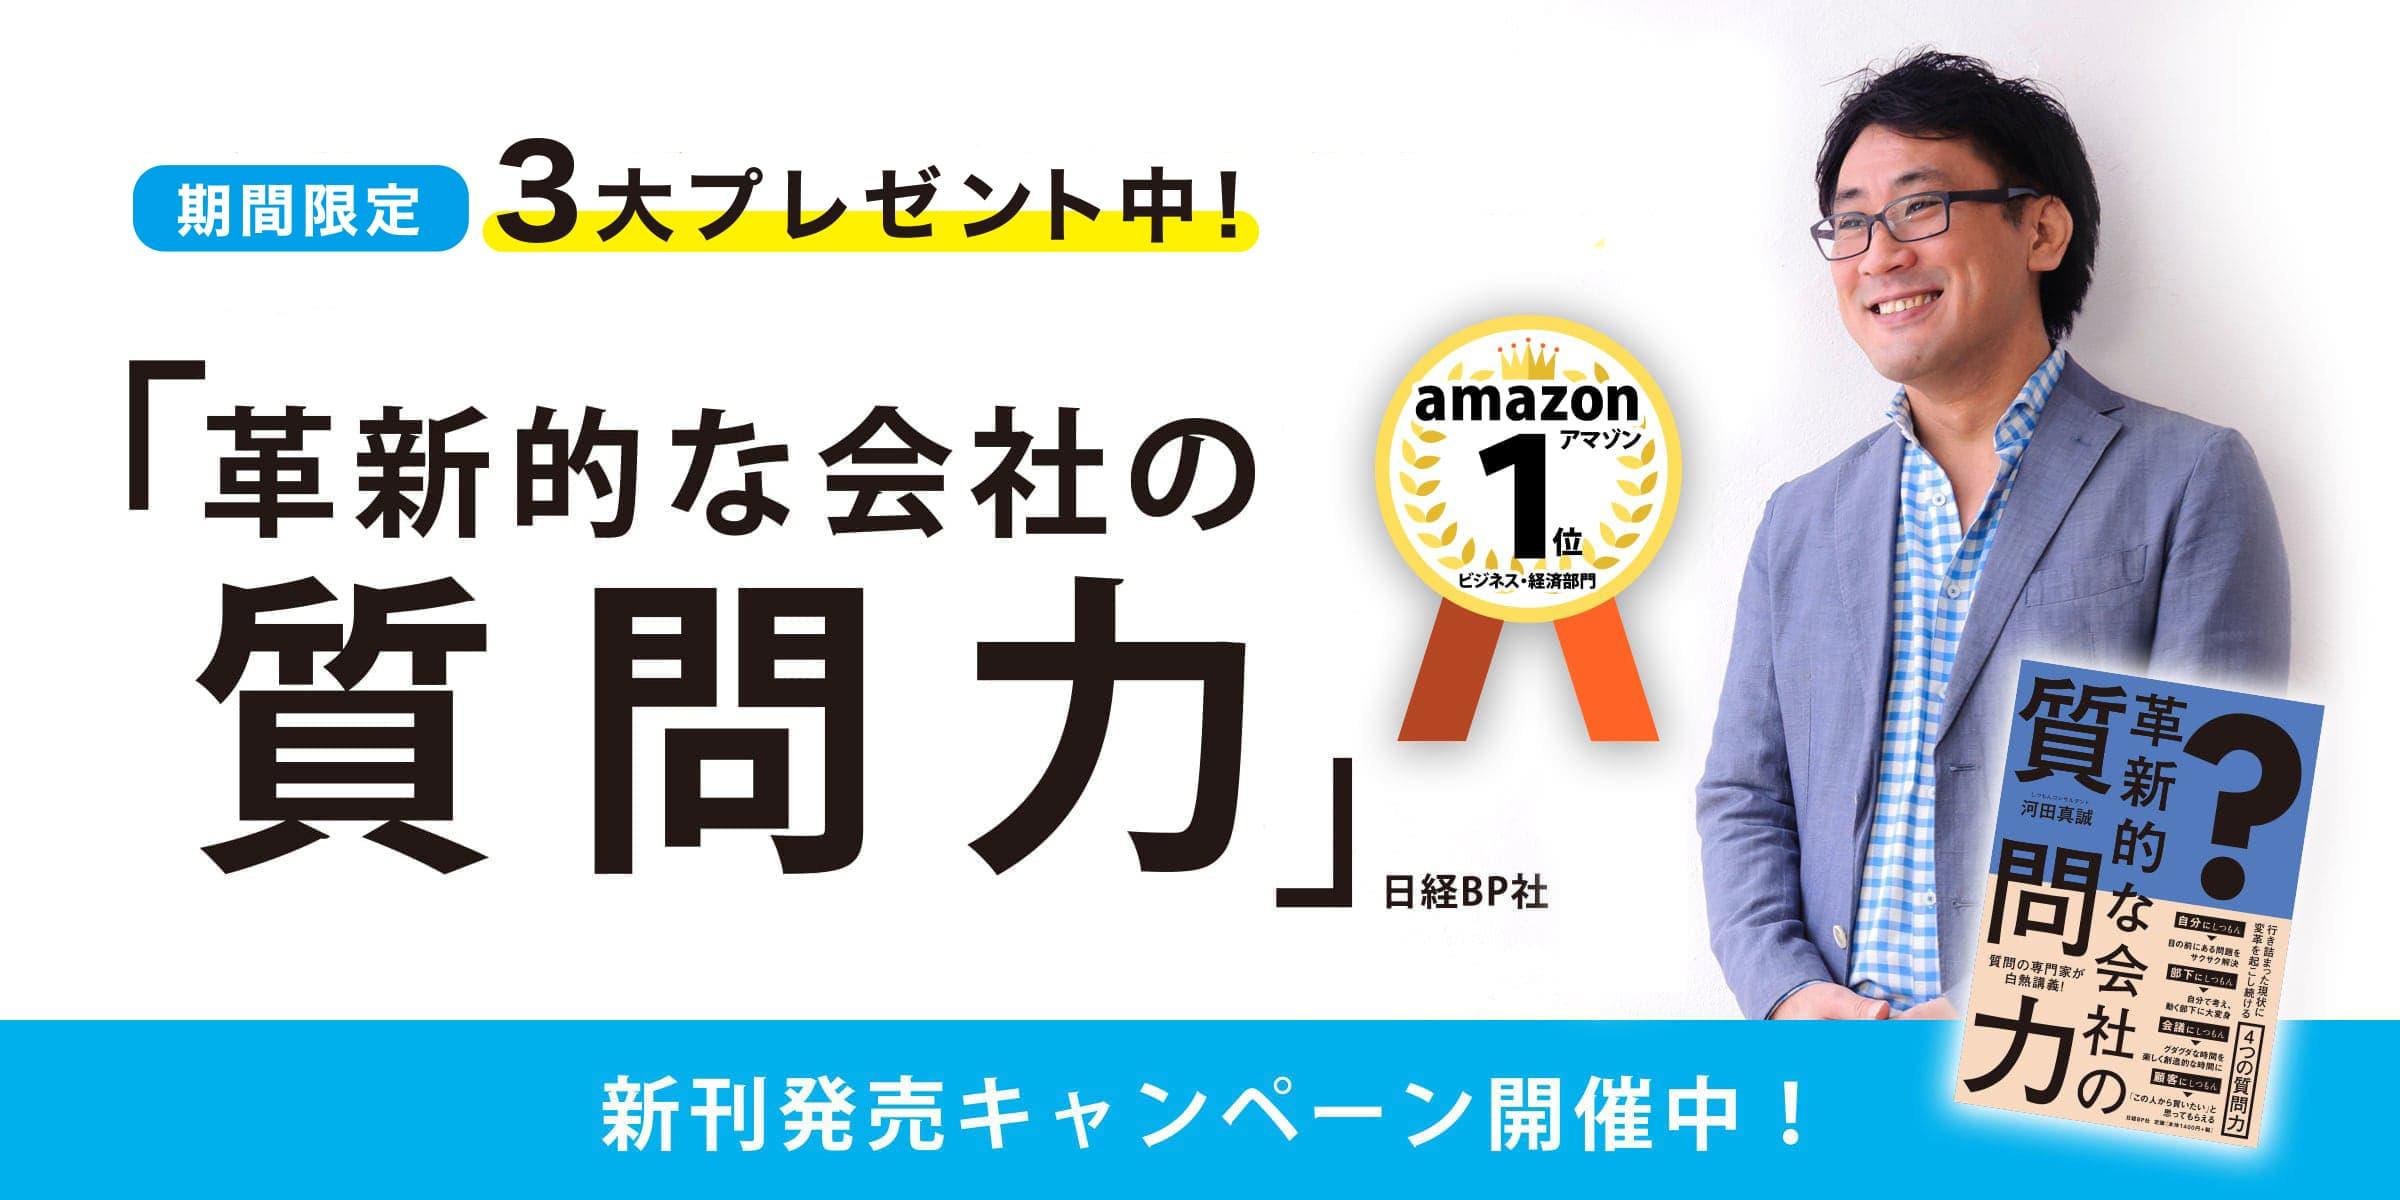 河田真誠の革新的な会社の質問力